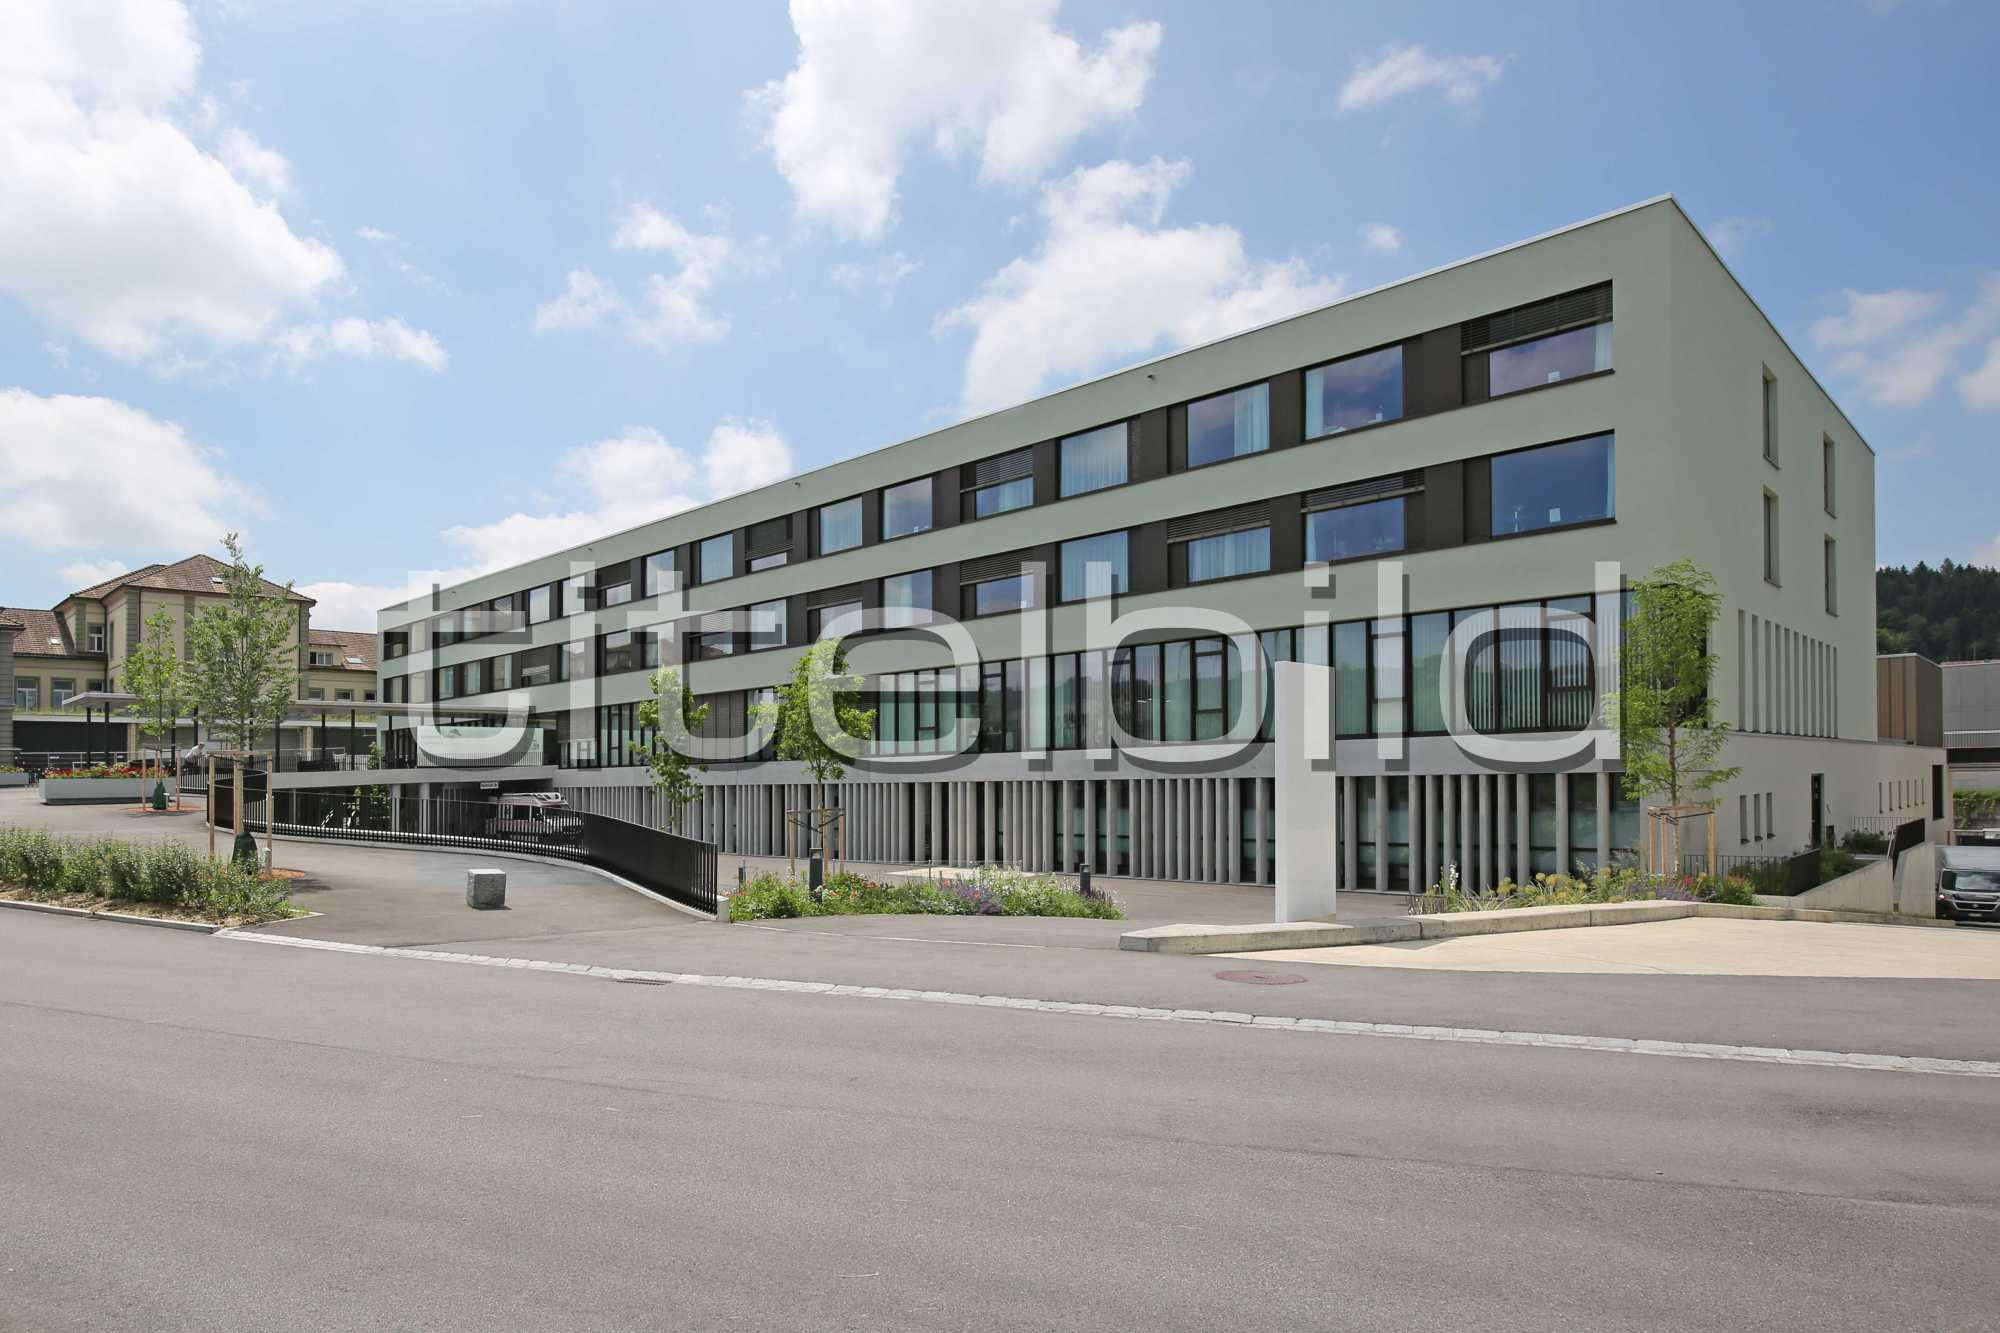 Projektbild-Nr. 3: Regionalspital Emmental, Spital Burgdorf